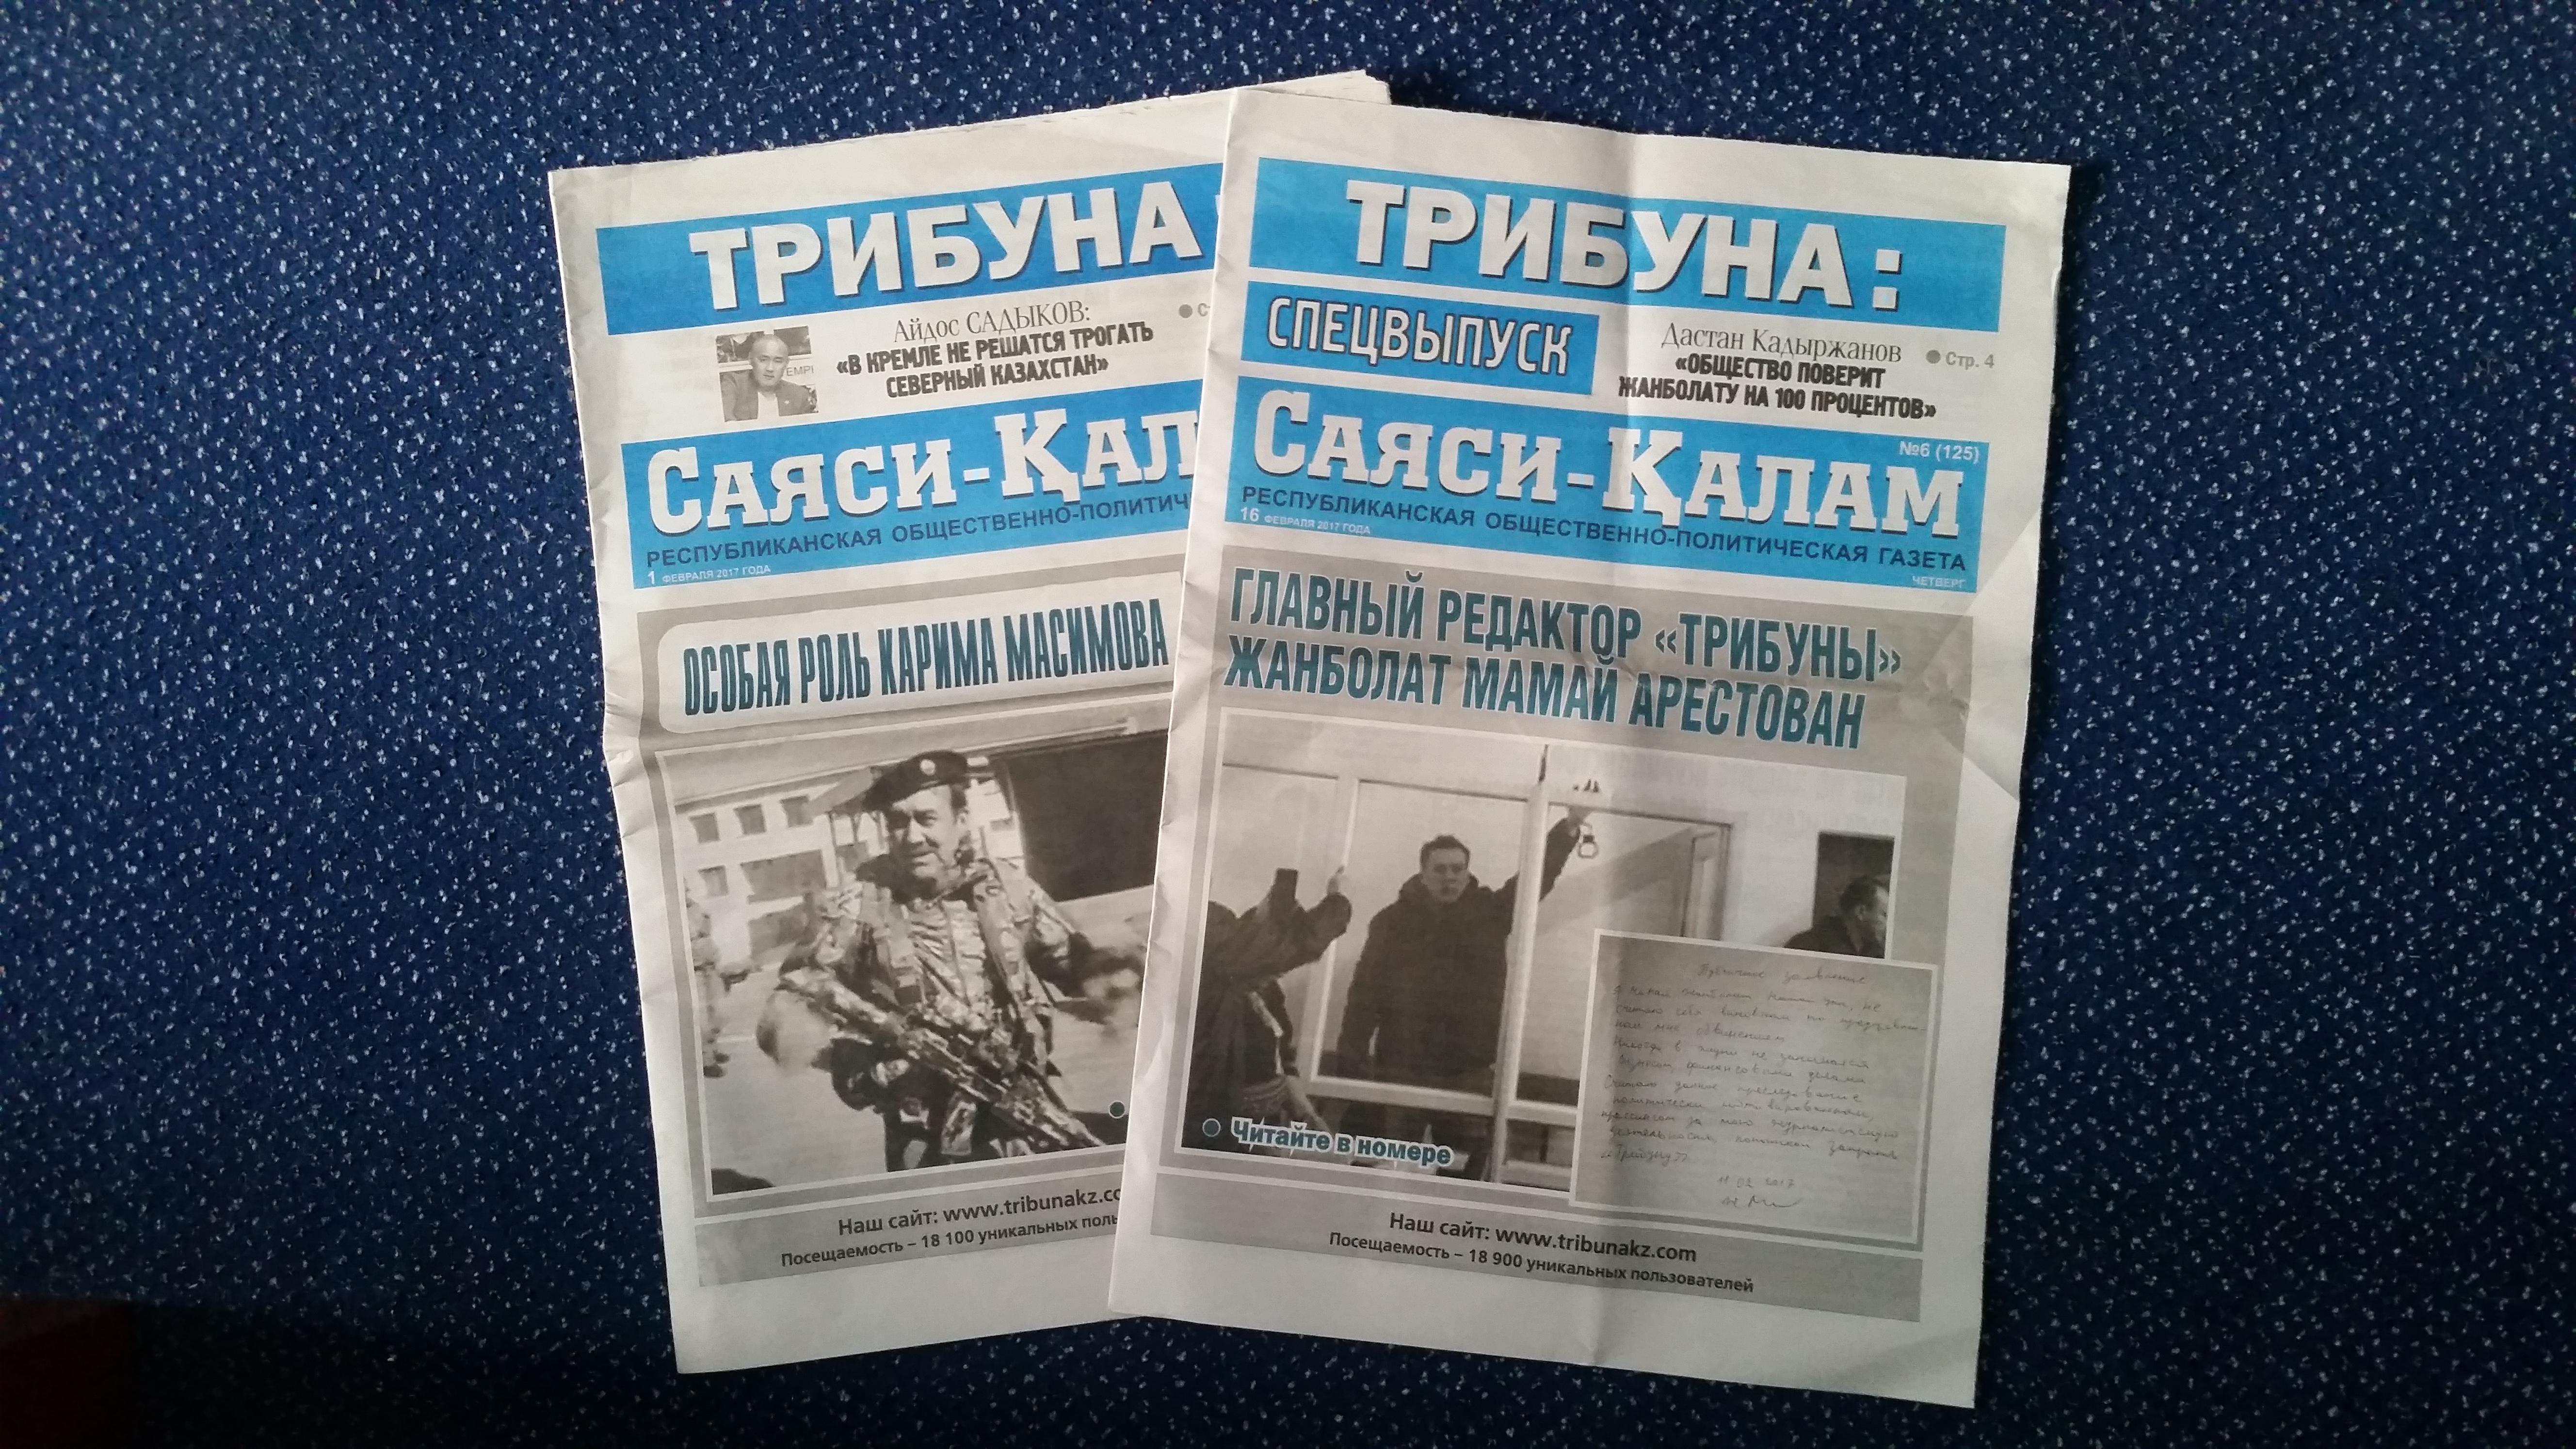 Die kasachische Zeitung Tribuna/Sayassi Kalam wurde eingestellt, nachdem der Chefredakteur Zhanbolat Mamay verhaftet worden war